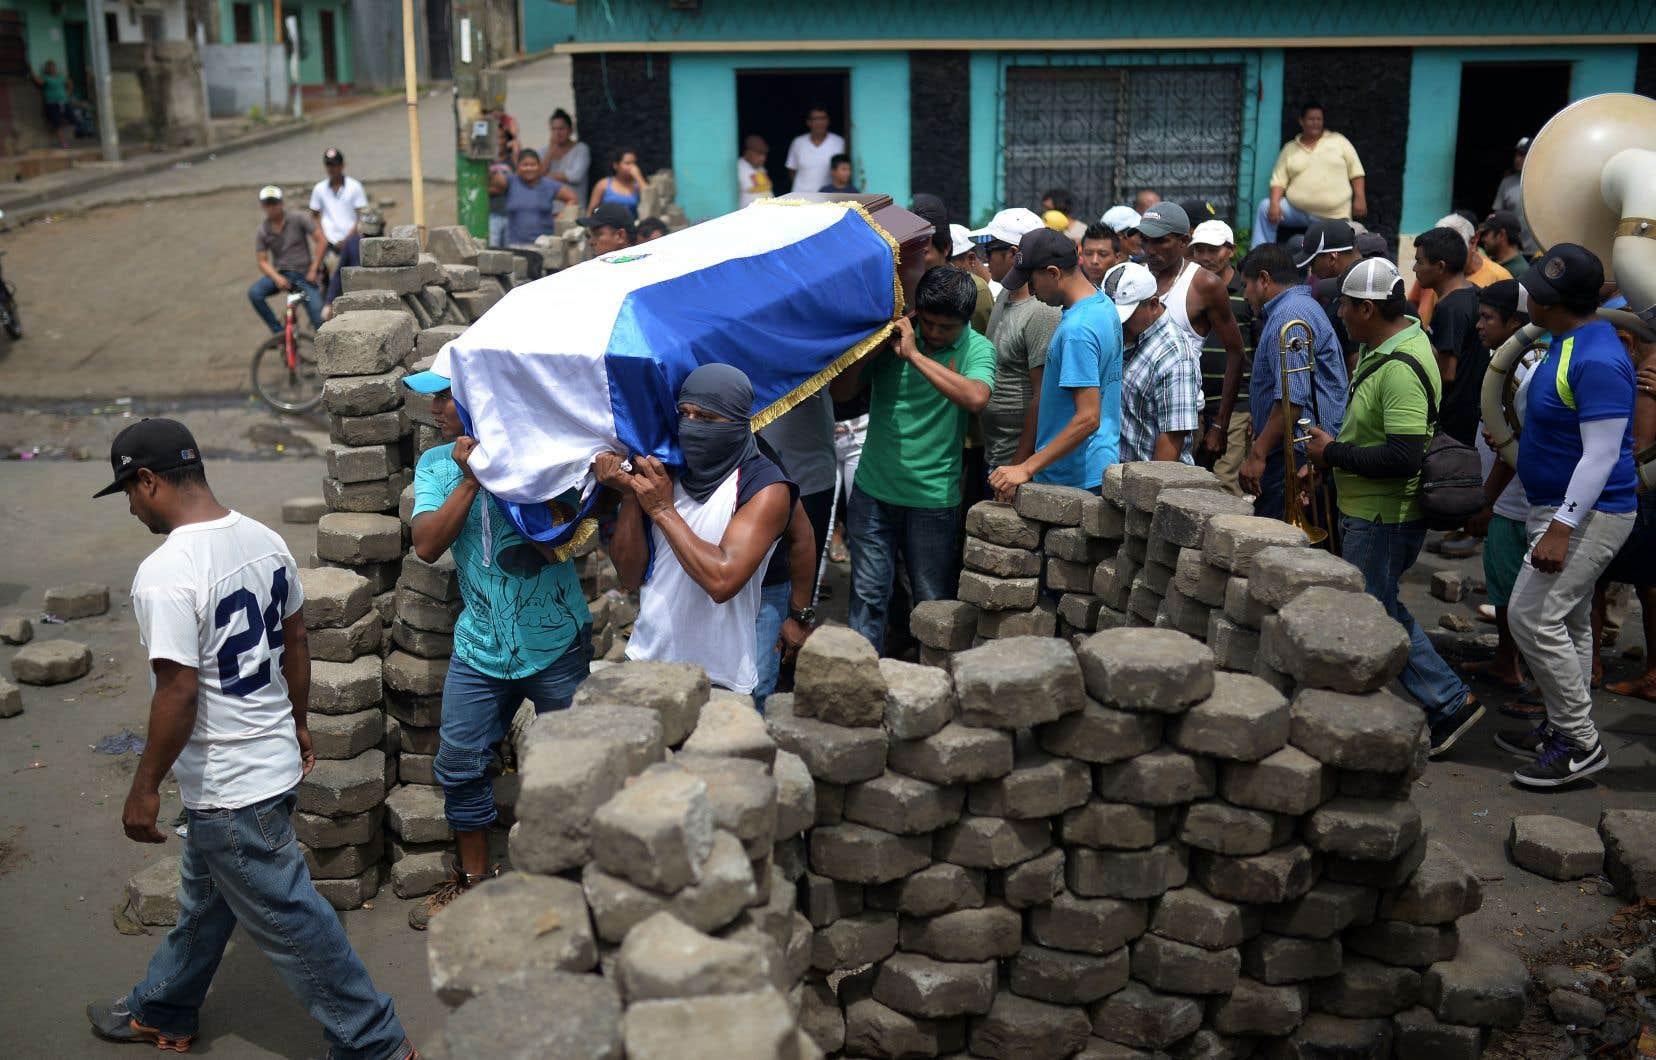 Des manifestations violemment réprimées ont fait des centaines de morts au Nicaragua, comme ici à Masaya.